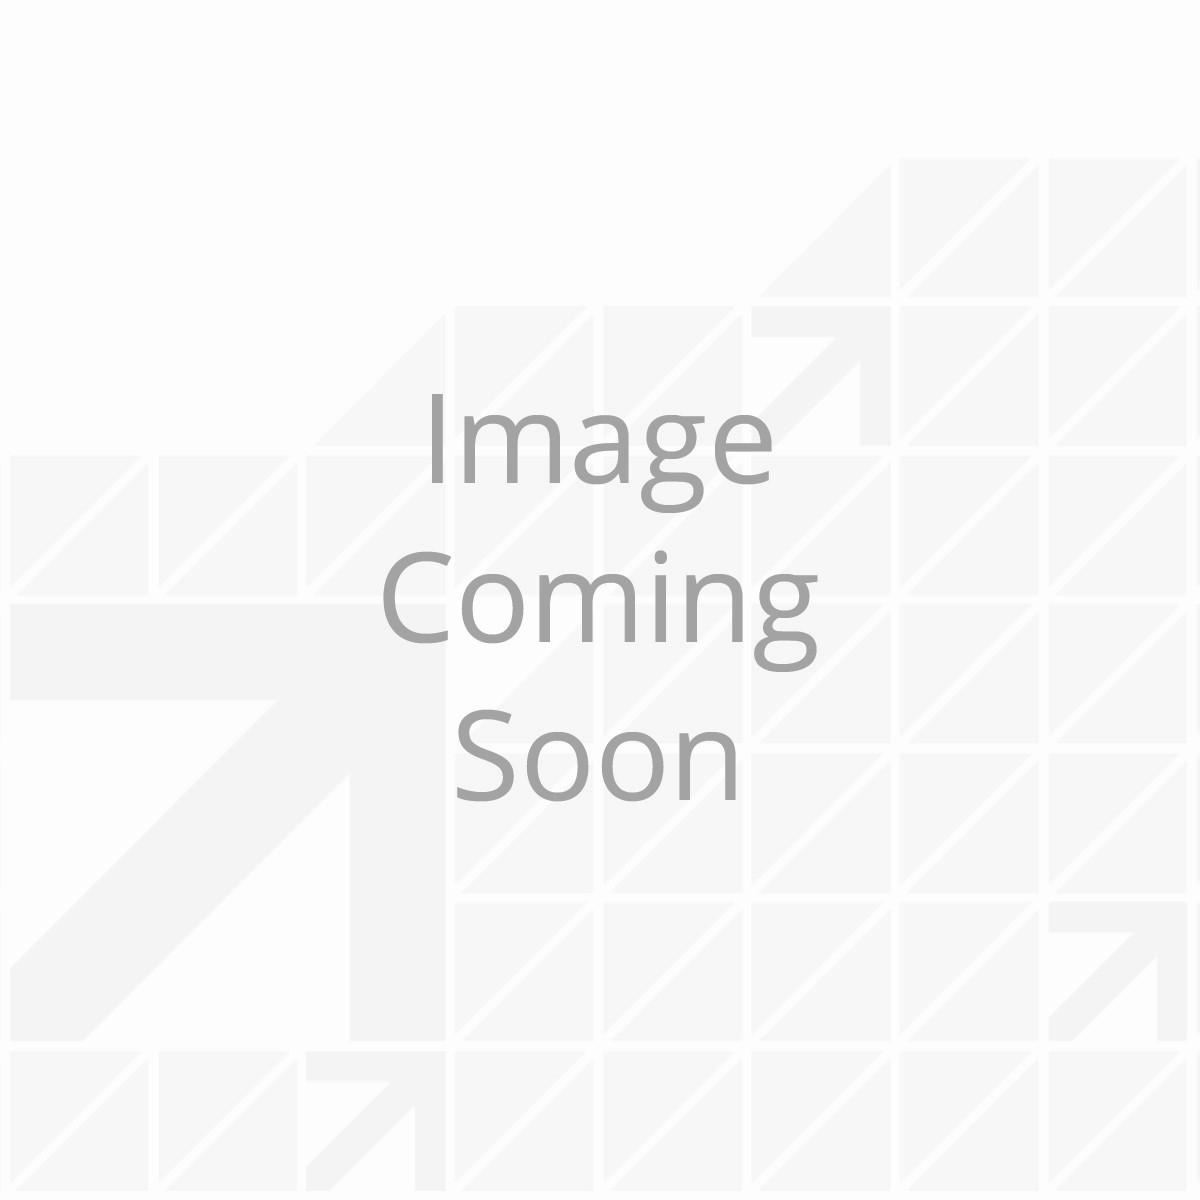 149664_Switchboard_001